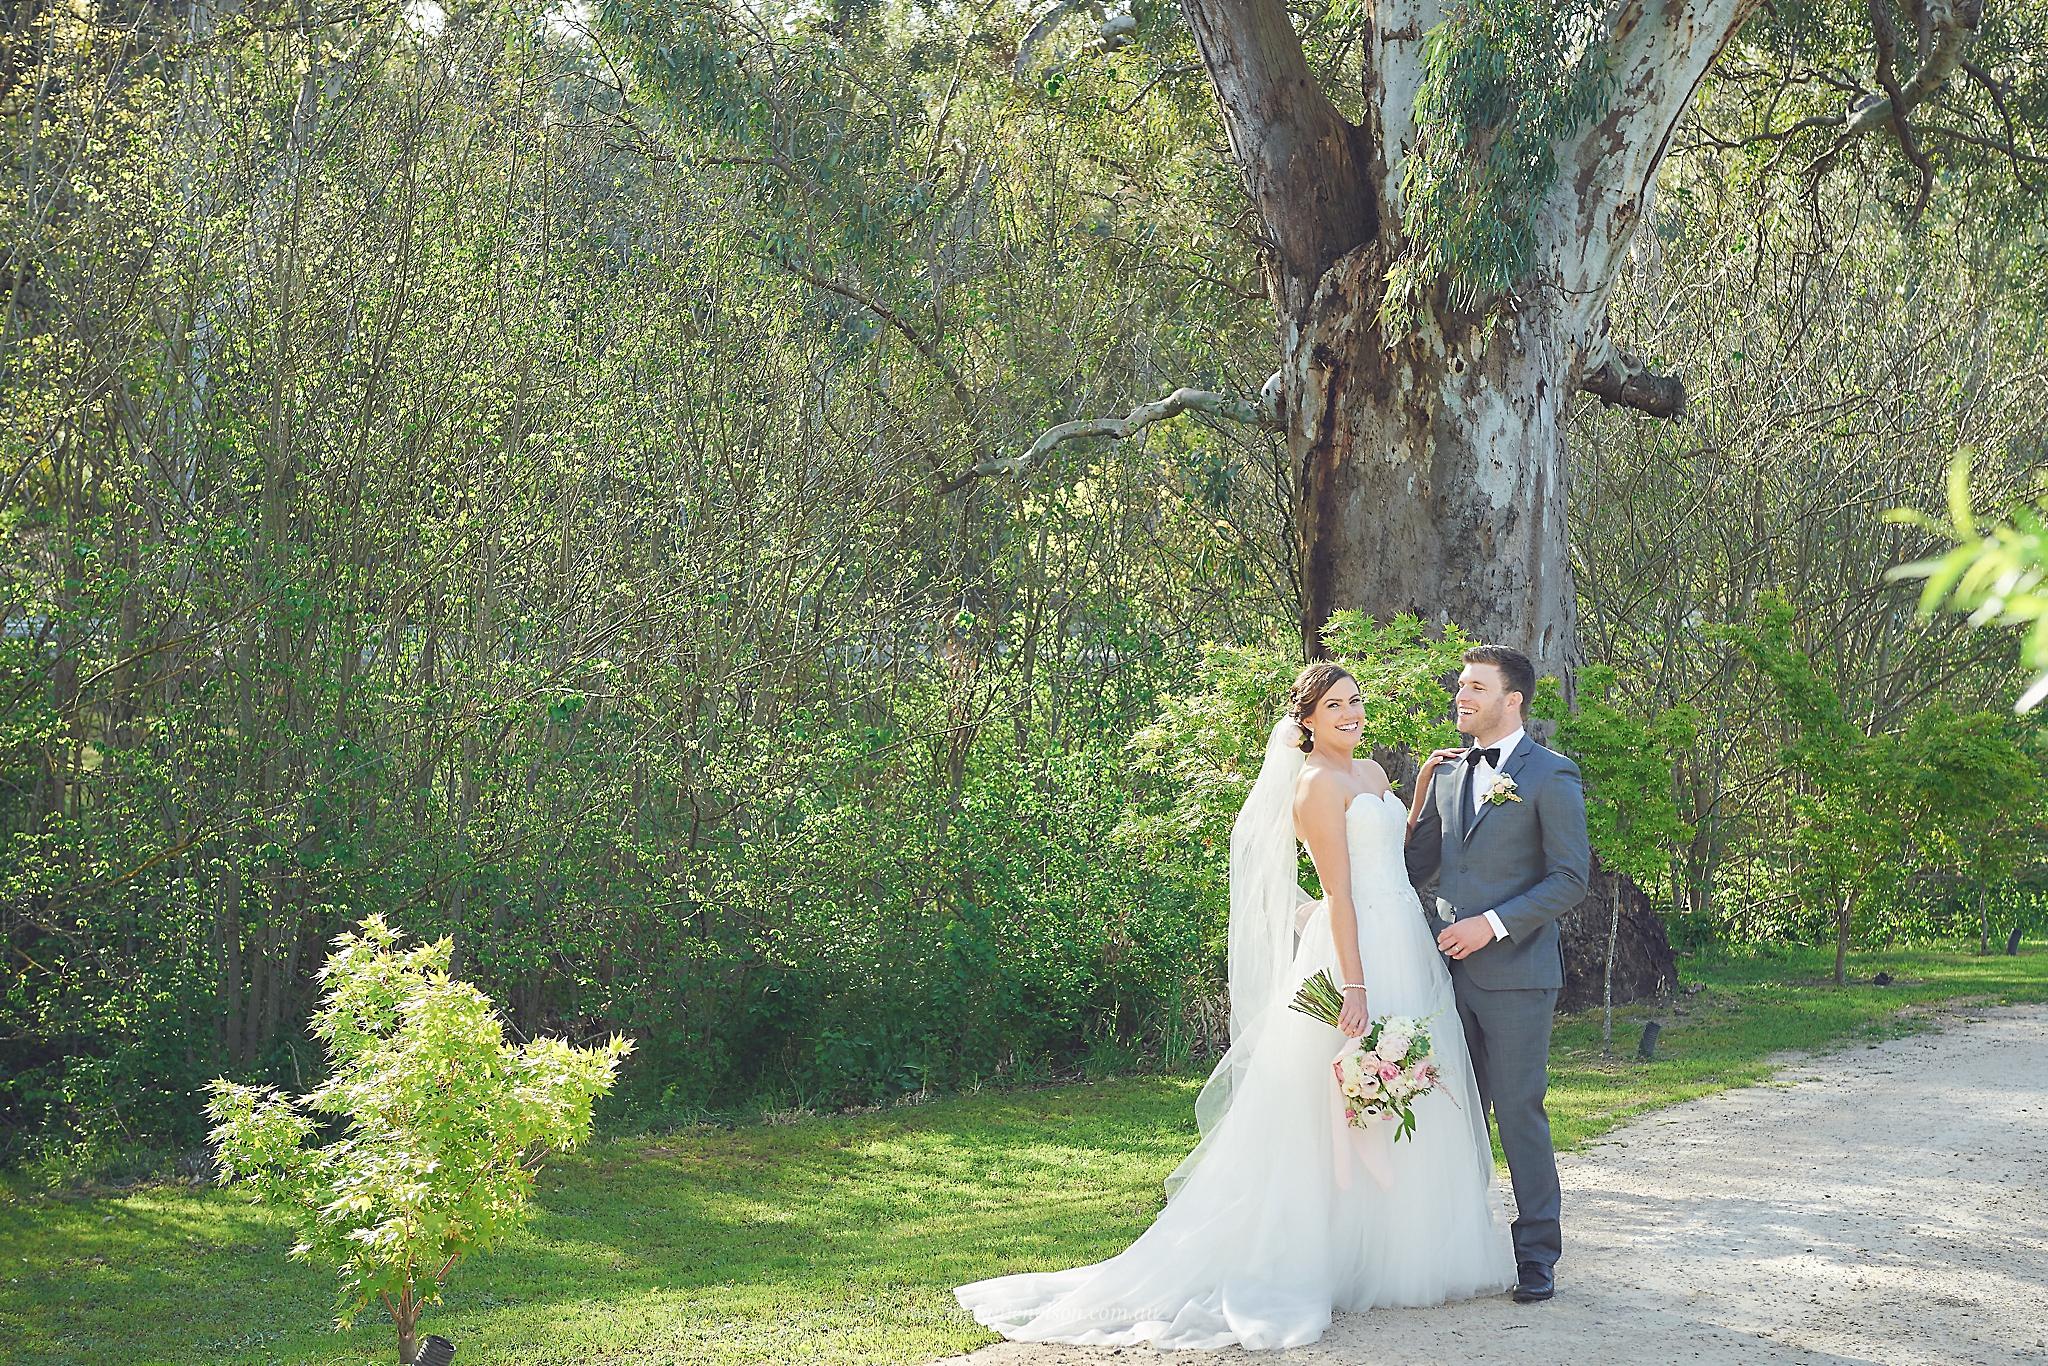 howards_vineyard_wedding_0012.jpg